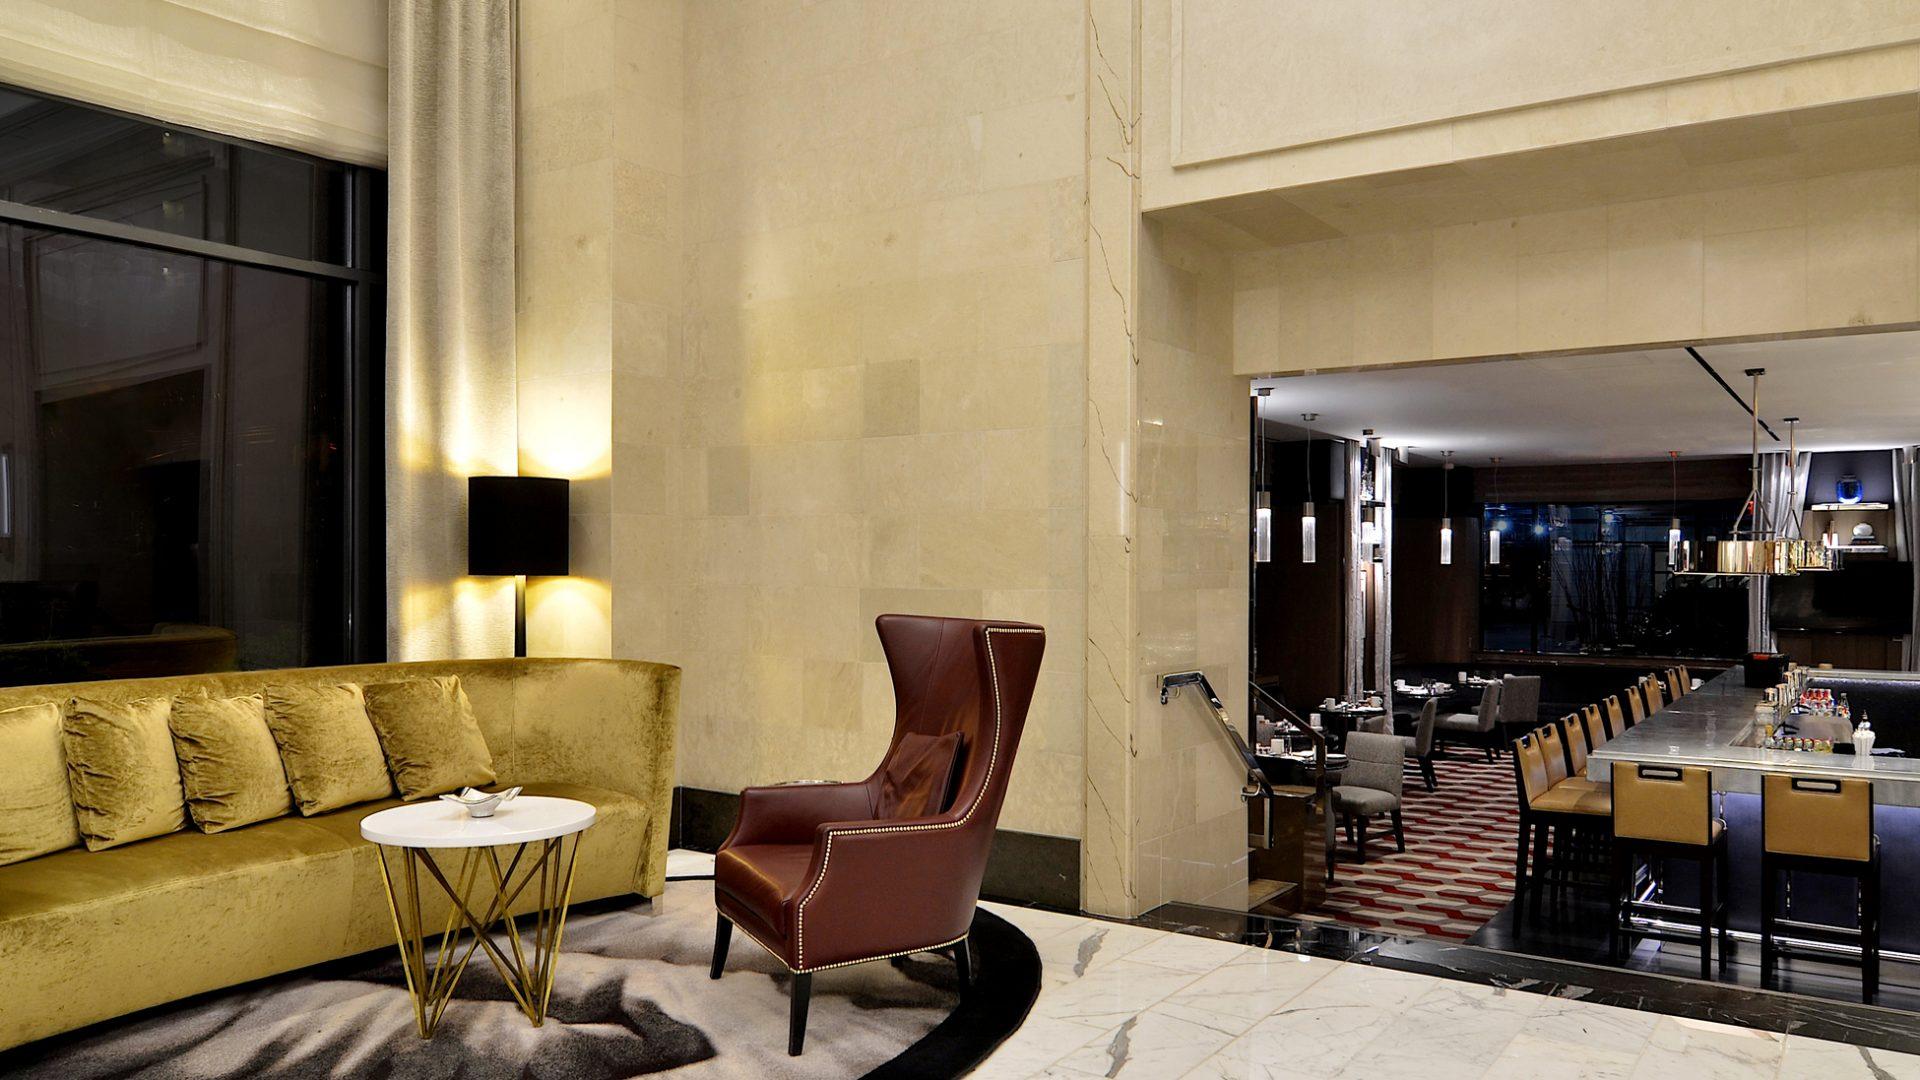 Nyc Luxury Hotel Photos Amp Videos Loews Regency Hotel